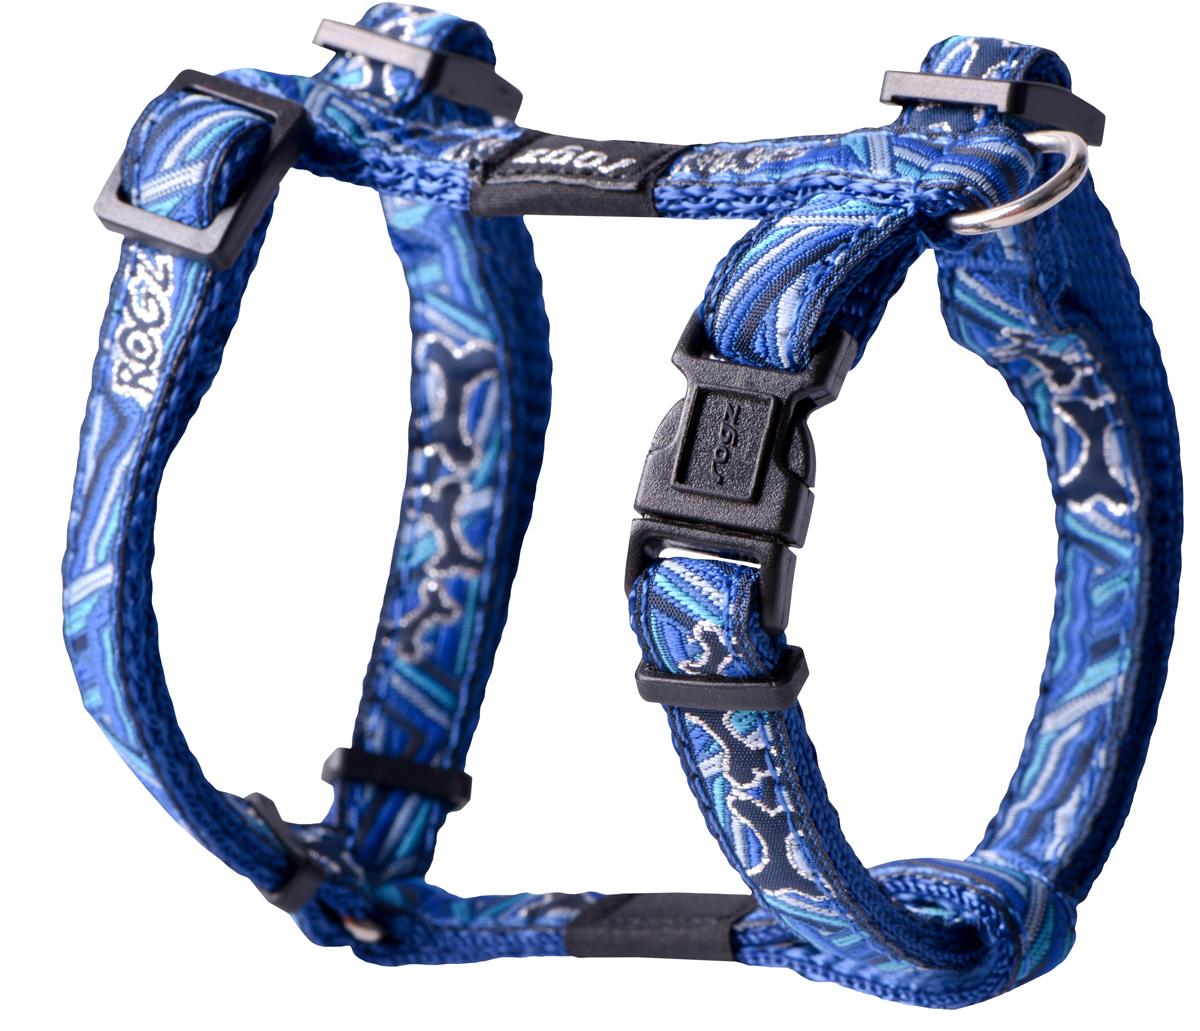 Шлейка для собак Rogz Fancy Dress, цвет: голубой, ширина 1,1 см0120710Шлейка для собак Rogz Fancy Dress имеет необычный дизайн. Широкая гамма потрясающе красивых орнаментов на прочной тесьме поверх нейлоновой ленты украсит вашего питомца.Застегивается, не доставляя неудобство собаке.Специальная конструкция пряжки Rog Loc - очень крепкая(система Fort Knox). Замок может быть расстегнут только рукой человека.С помощью системы ремней изделие подгоняется под животного индивидуально.Необыкновенно крепкая и прочная шлейка.Выполненные по заказу литые кольца выдерживают значительные физические нагрузки и имеют хромирование, нанесенное гальваническим способом, что позволяет избежать коррозии и потускнения изделия.Легко можно прикрепить к ошейнику и поводку.